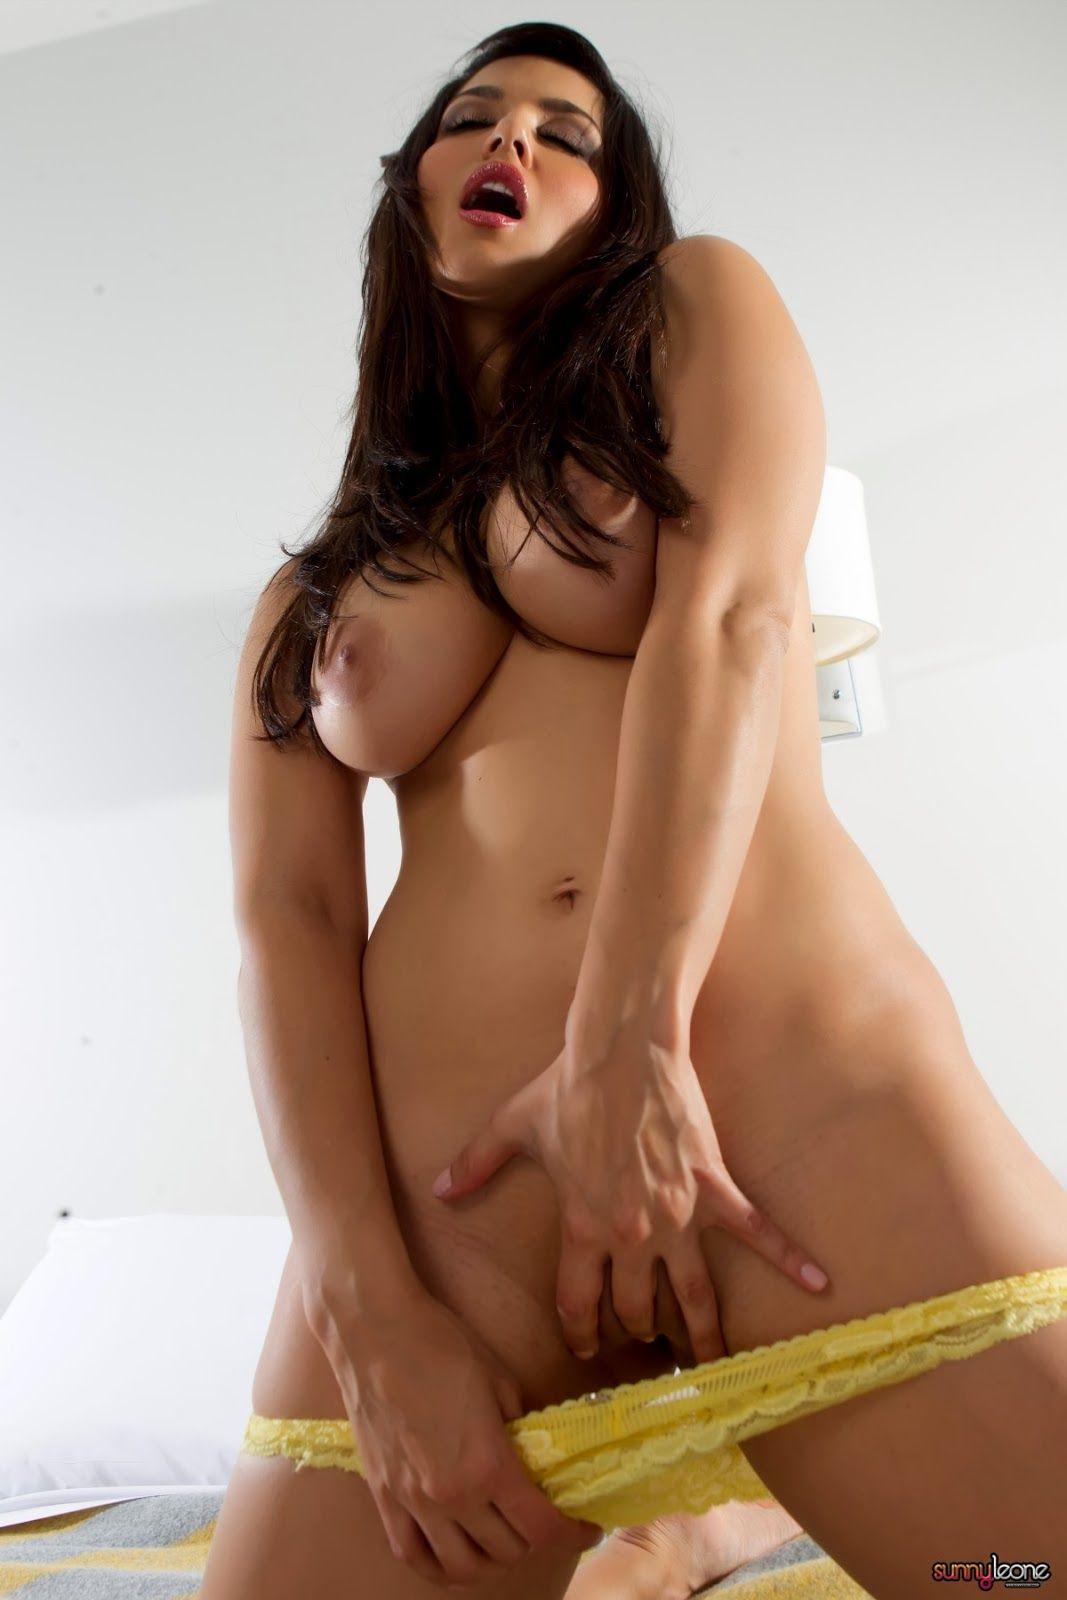 Indian Desi Sex Free Video Delightful pinjustin stark on sunny leone | pinterest | sunnies